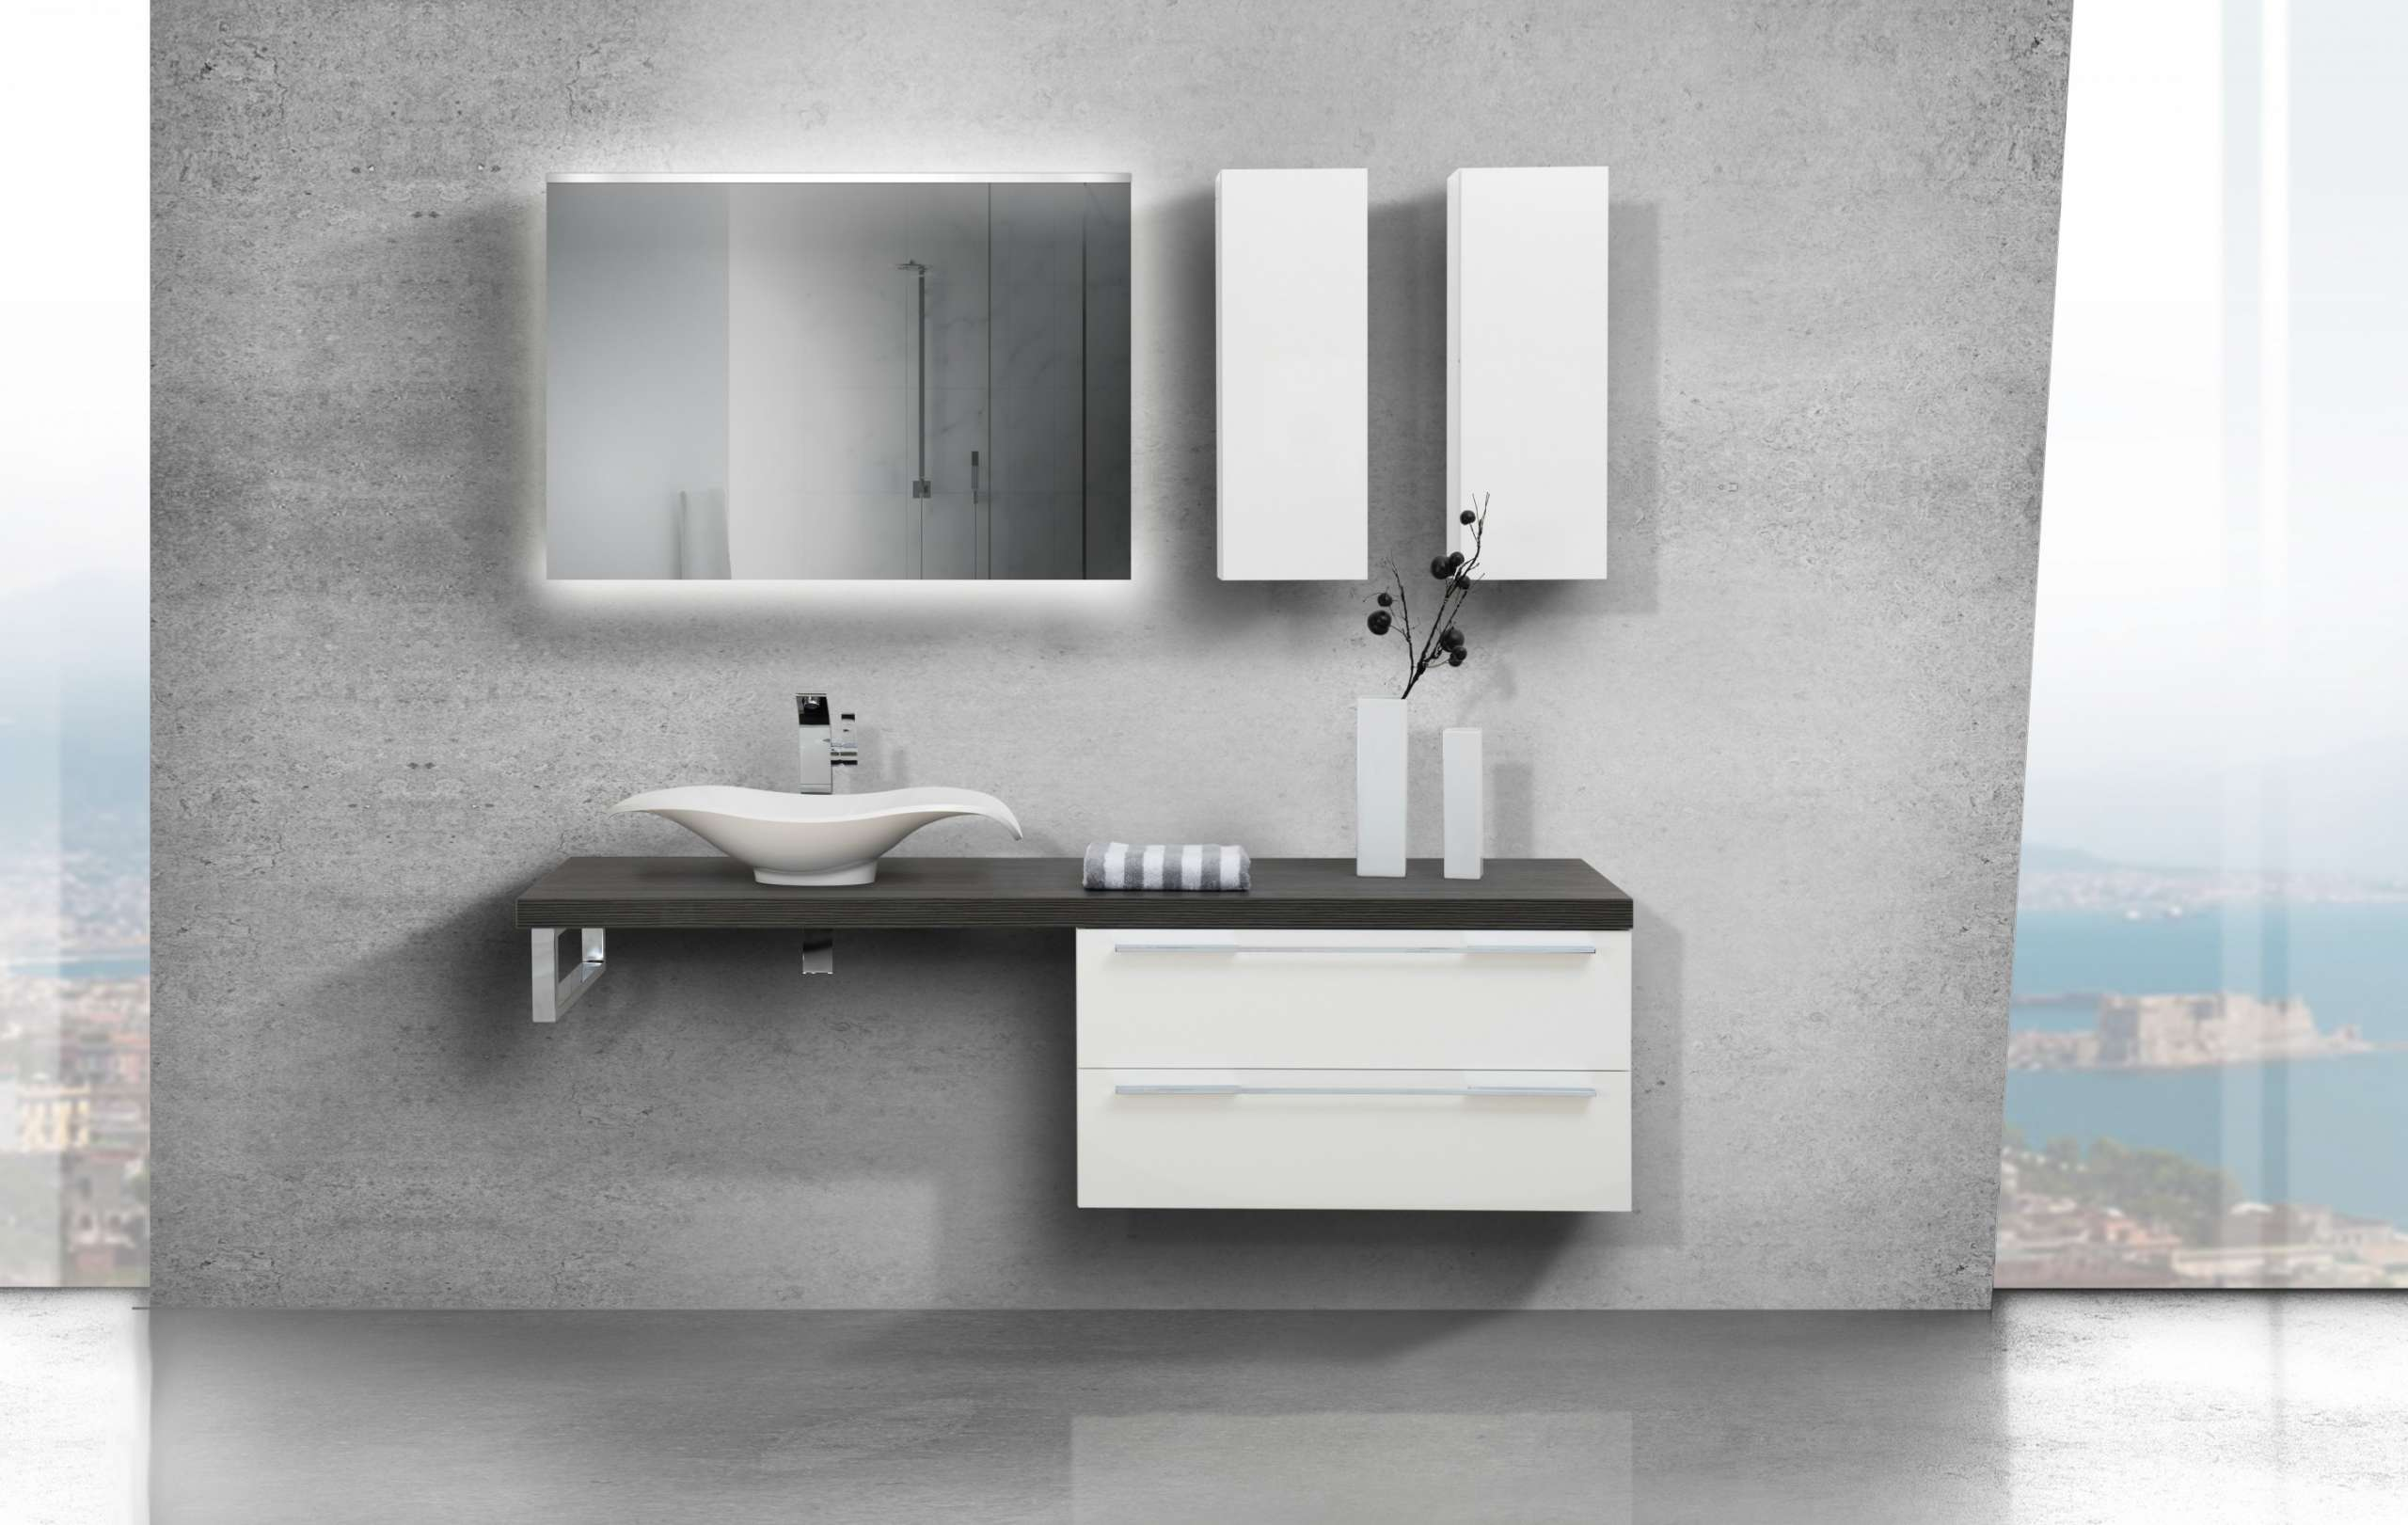 Design Badezimmer Set Mit LED Lichtspiegel Und Oberschrank |  Designbaeder.com